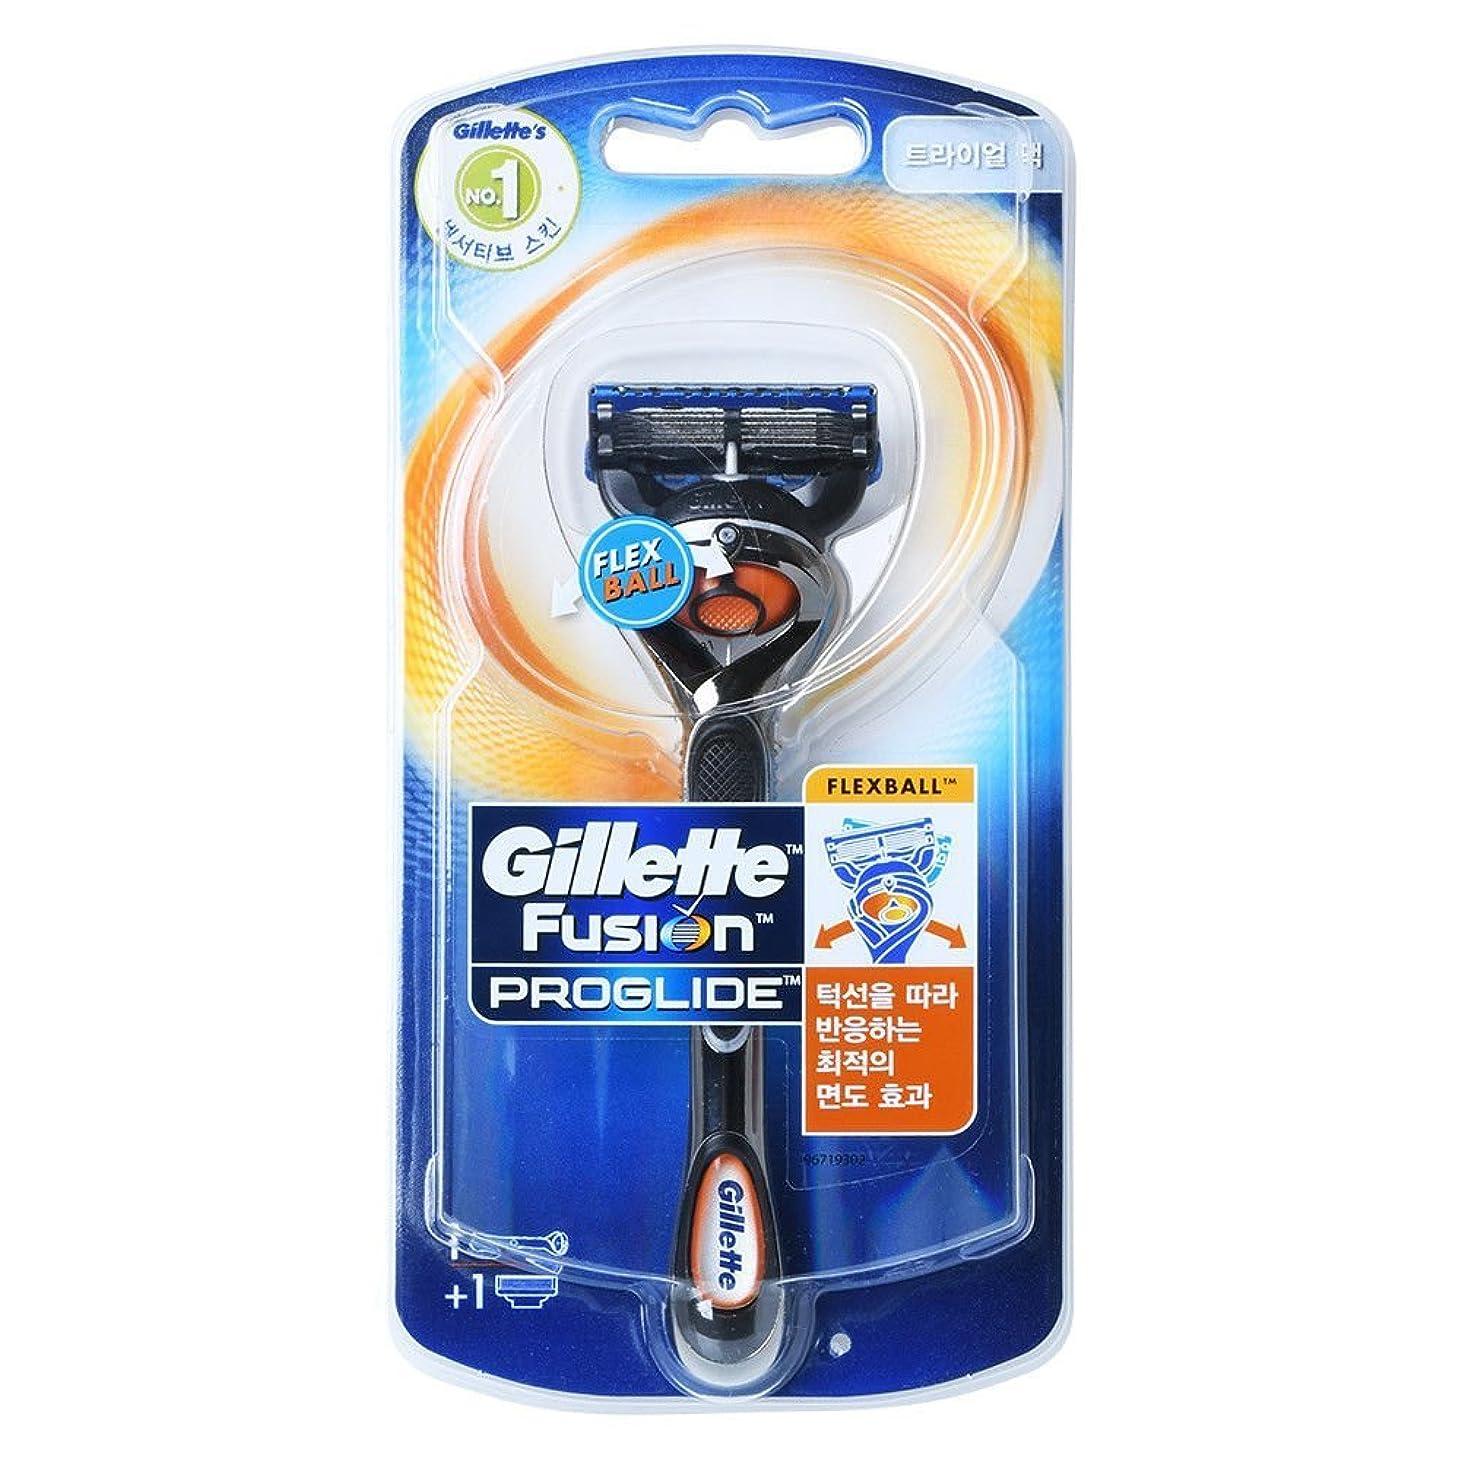 社員アメリカ埋めるGillette Fusion Proglide Flexball Men's 1本のカミソリ1本でカミソリ1本 Trial pack [並行輸入品]